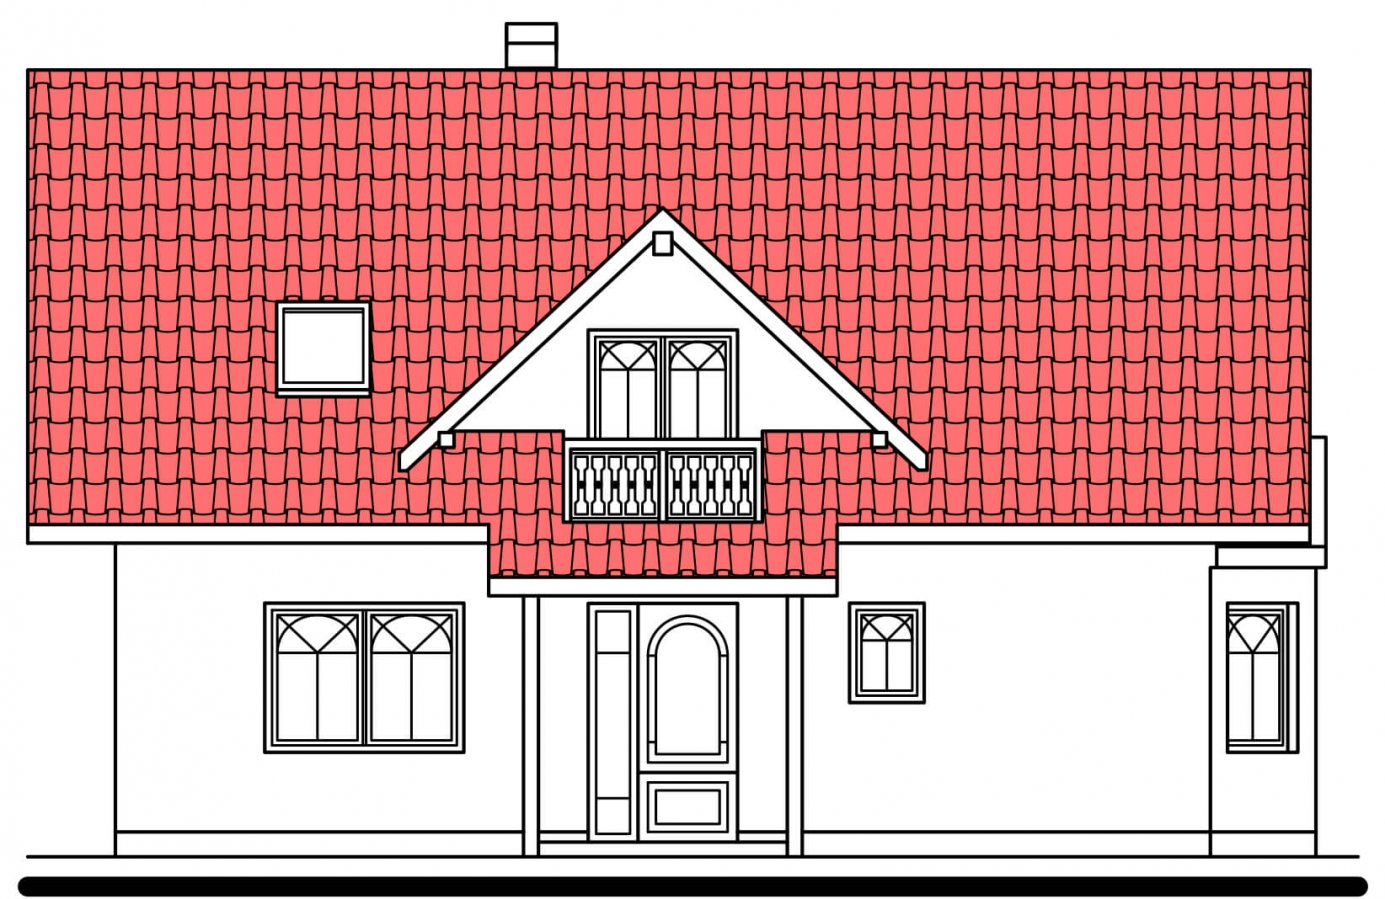 Pohľad 1. - Projekt domu na úzky pozemok. Možné postaviť aj bez garáže.